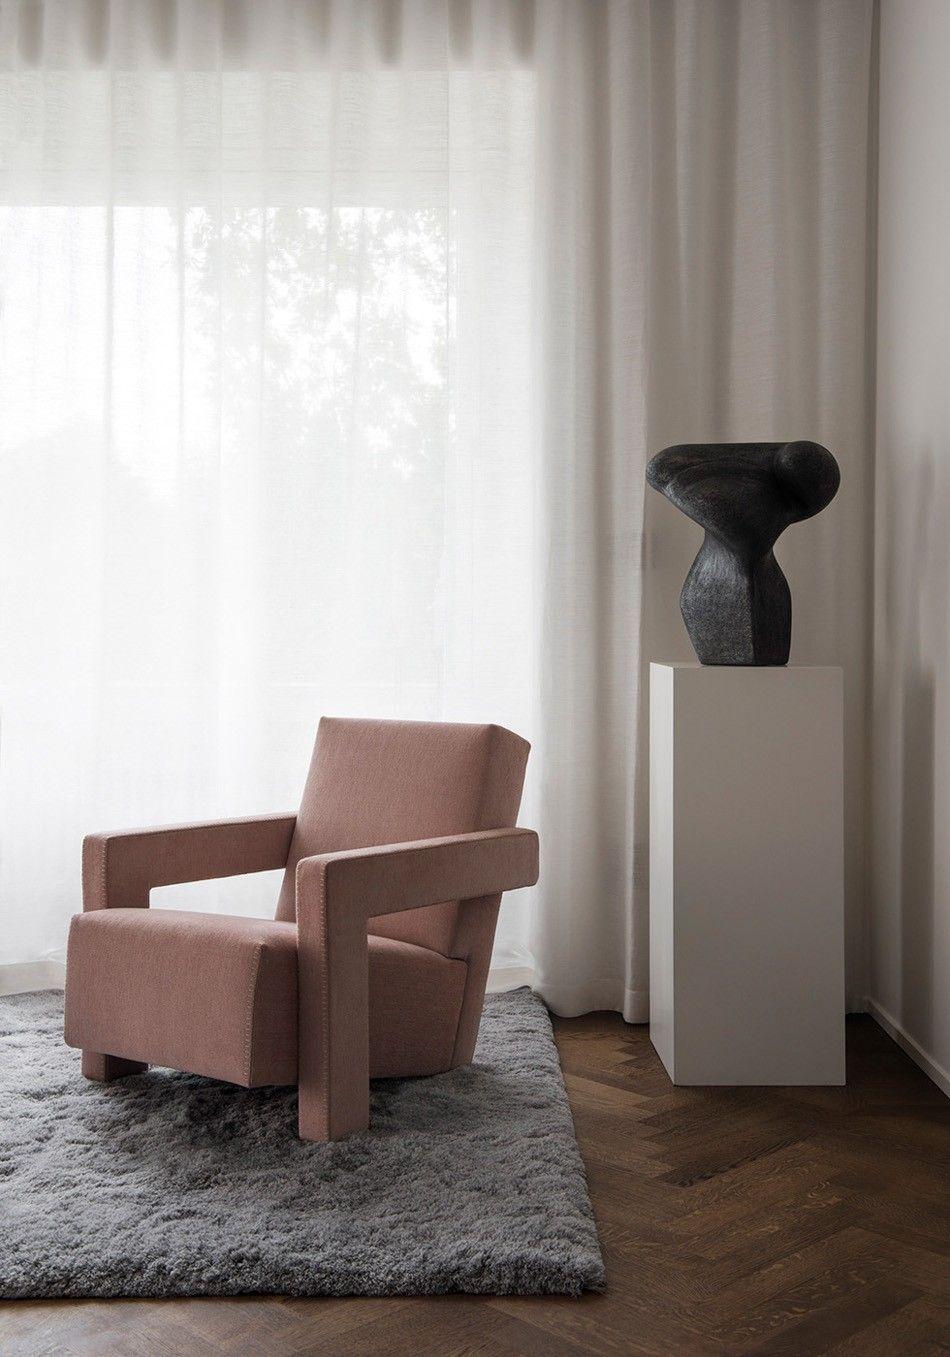 Liljencrantz Design featuring a pink 637 Utrecht